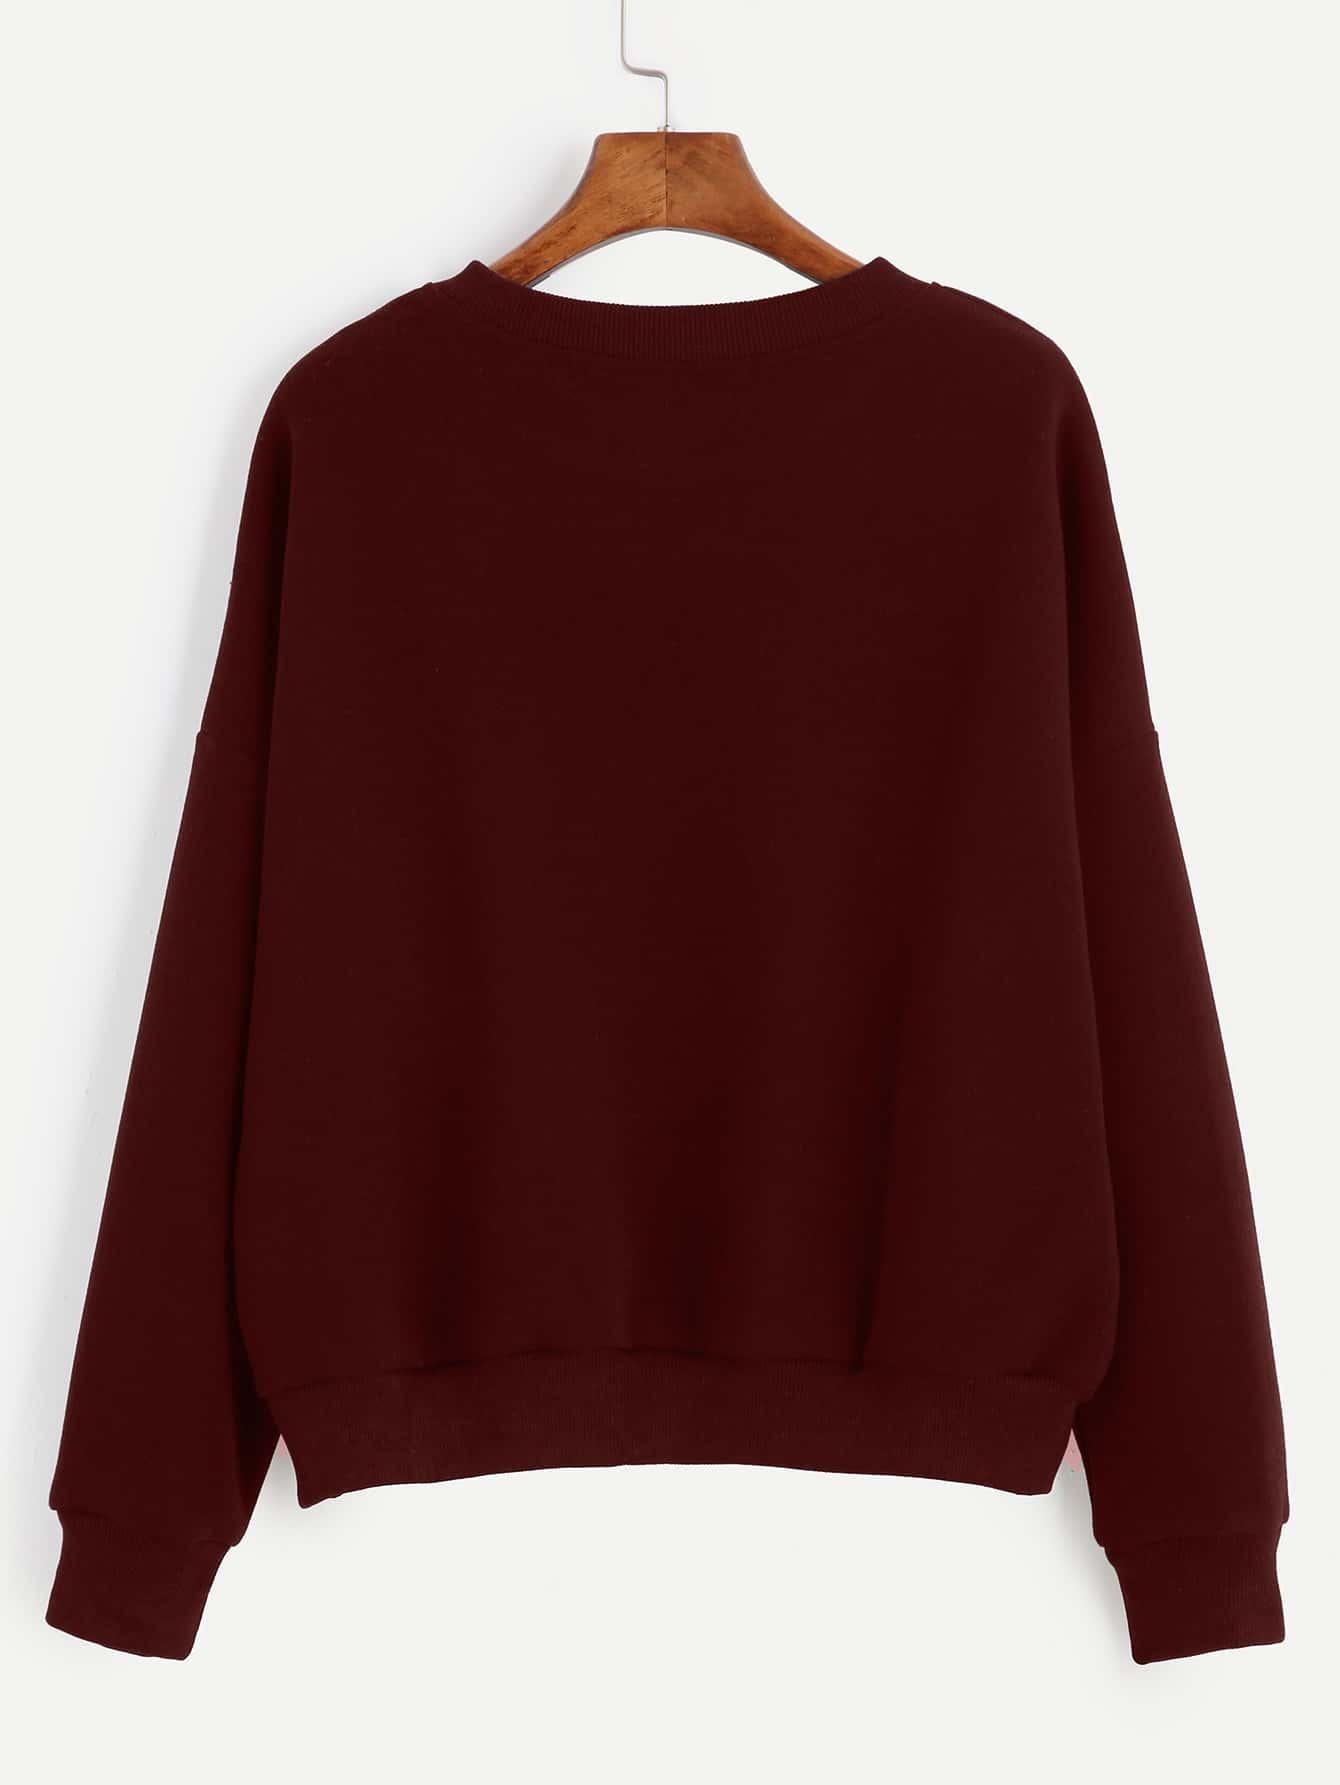 sweatshirt161121104_2